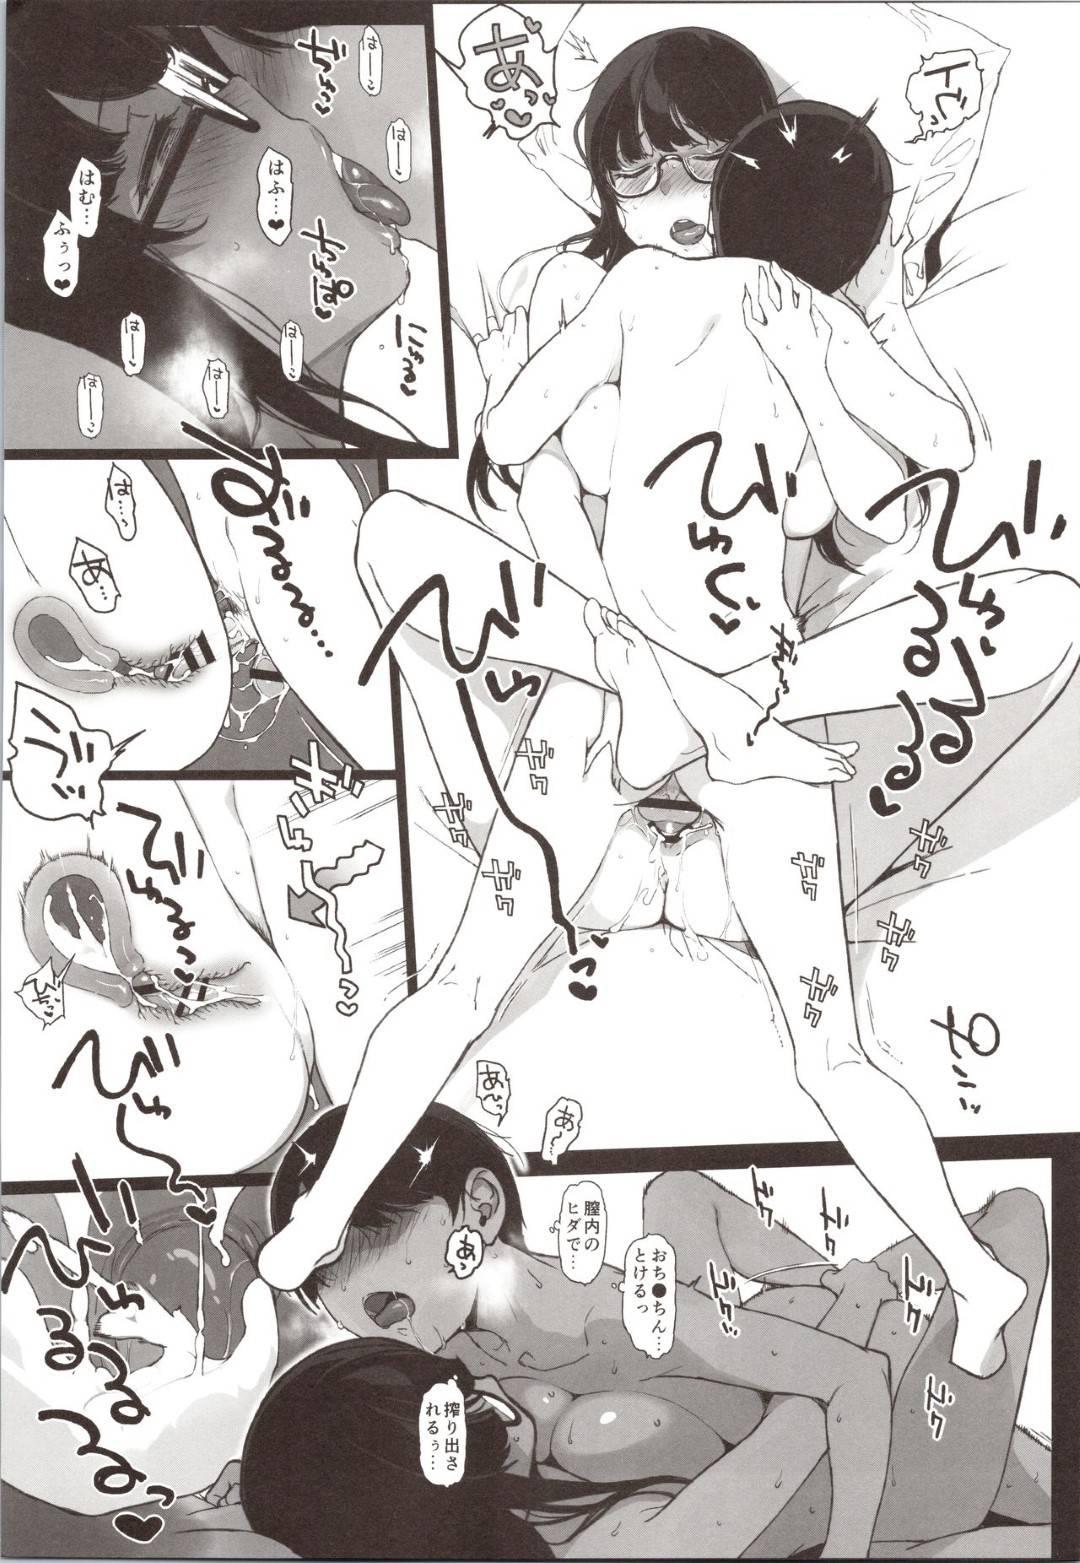 【エロ漫画】【エロ漫画】寝ている後輩男子を襲ってフェラしまくる淫乱メガネ美人JK…騎乗位で逆レイプして腰を振りまくり、男子が気づいてからも毎日激しいイチャラブ生ハメ中出しセックスしてアヘ絶頂【笹森トモエ:先輩が僕にシてるコト】